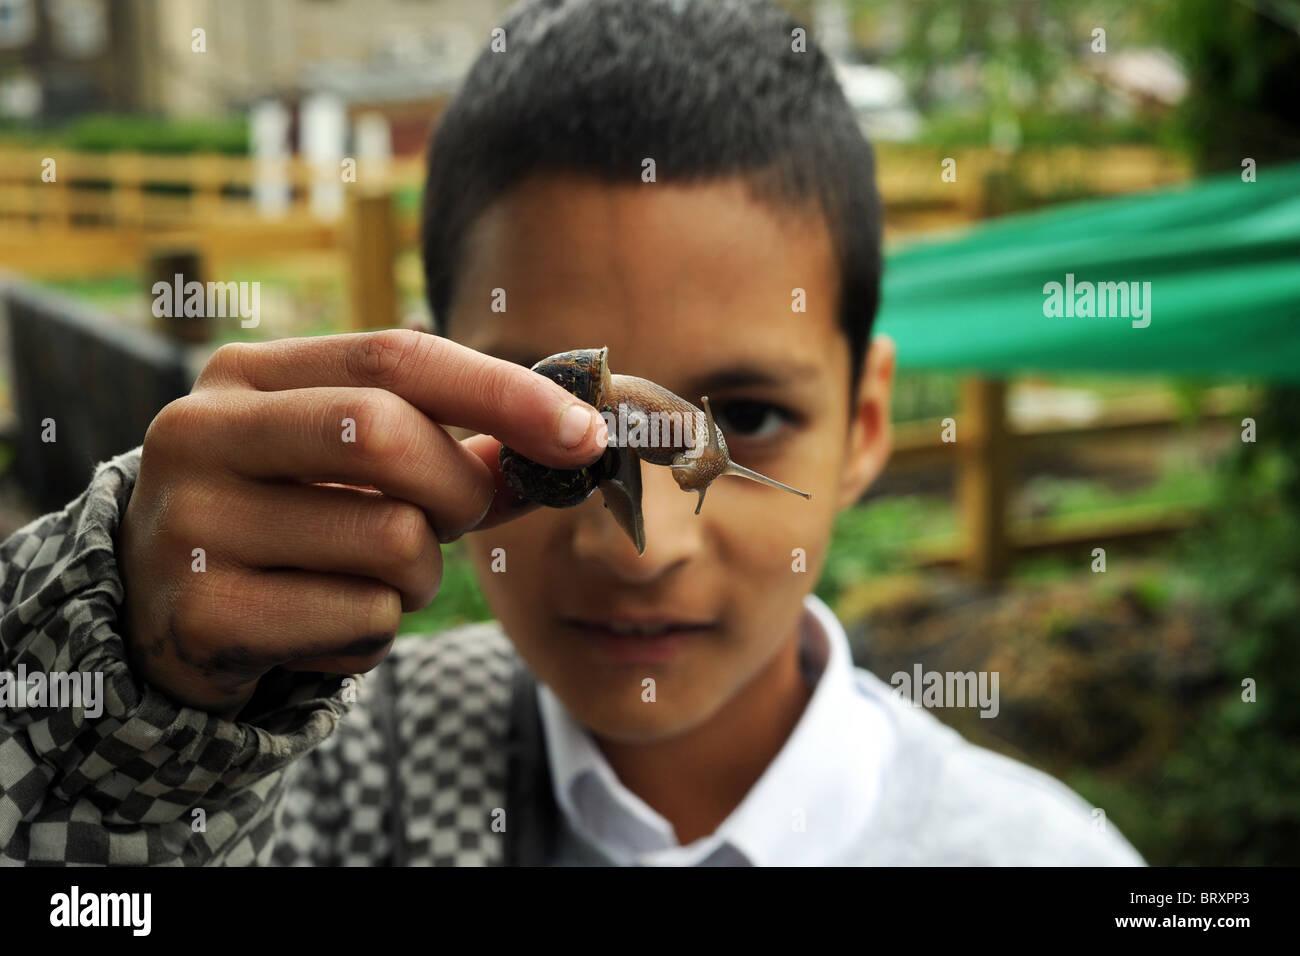 Ein Kind studiert eine Garten Schnecke anheben, als Teil der Gartenarbeit Erfahrung Besuch einer innerstädtischen Stockbild